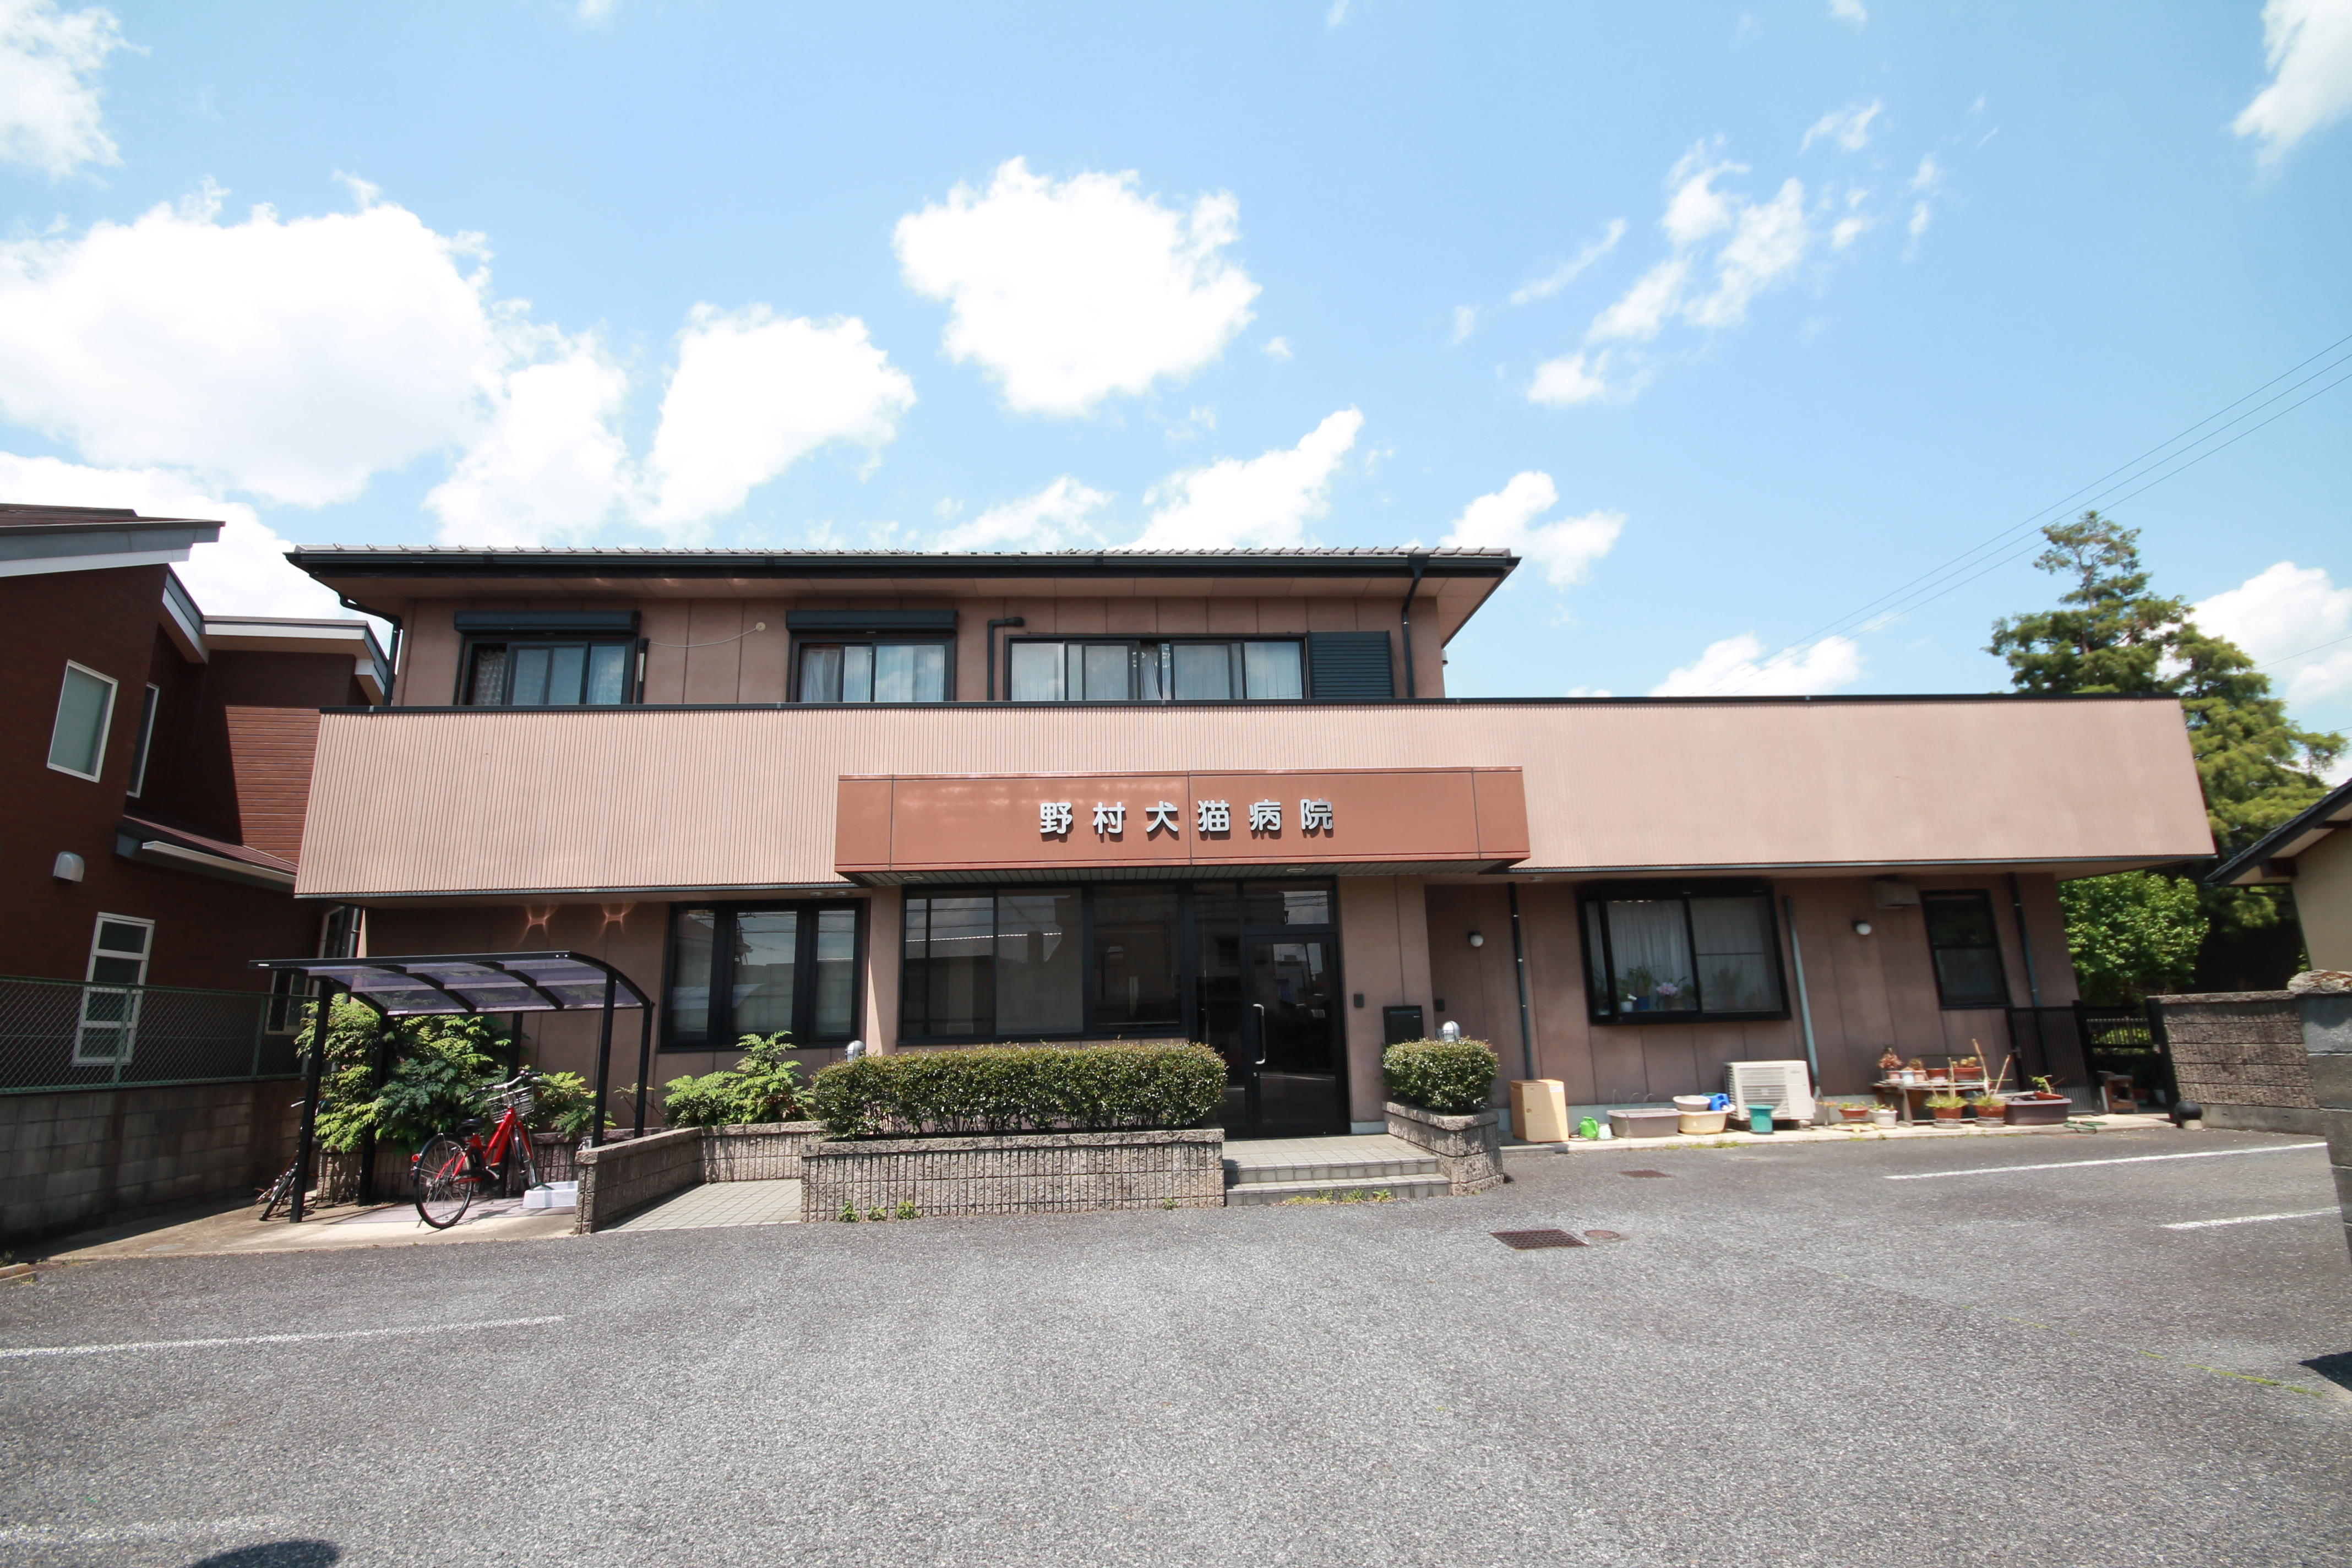 野村犬猫病院の写真